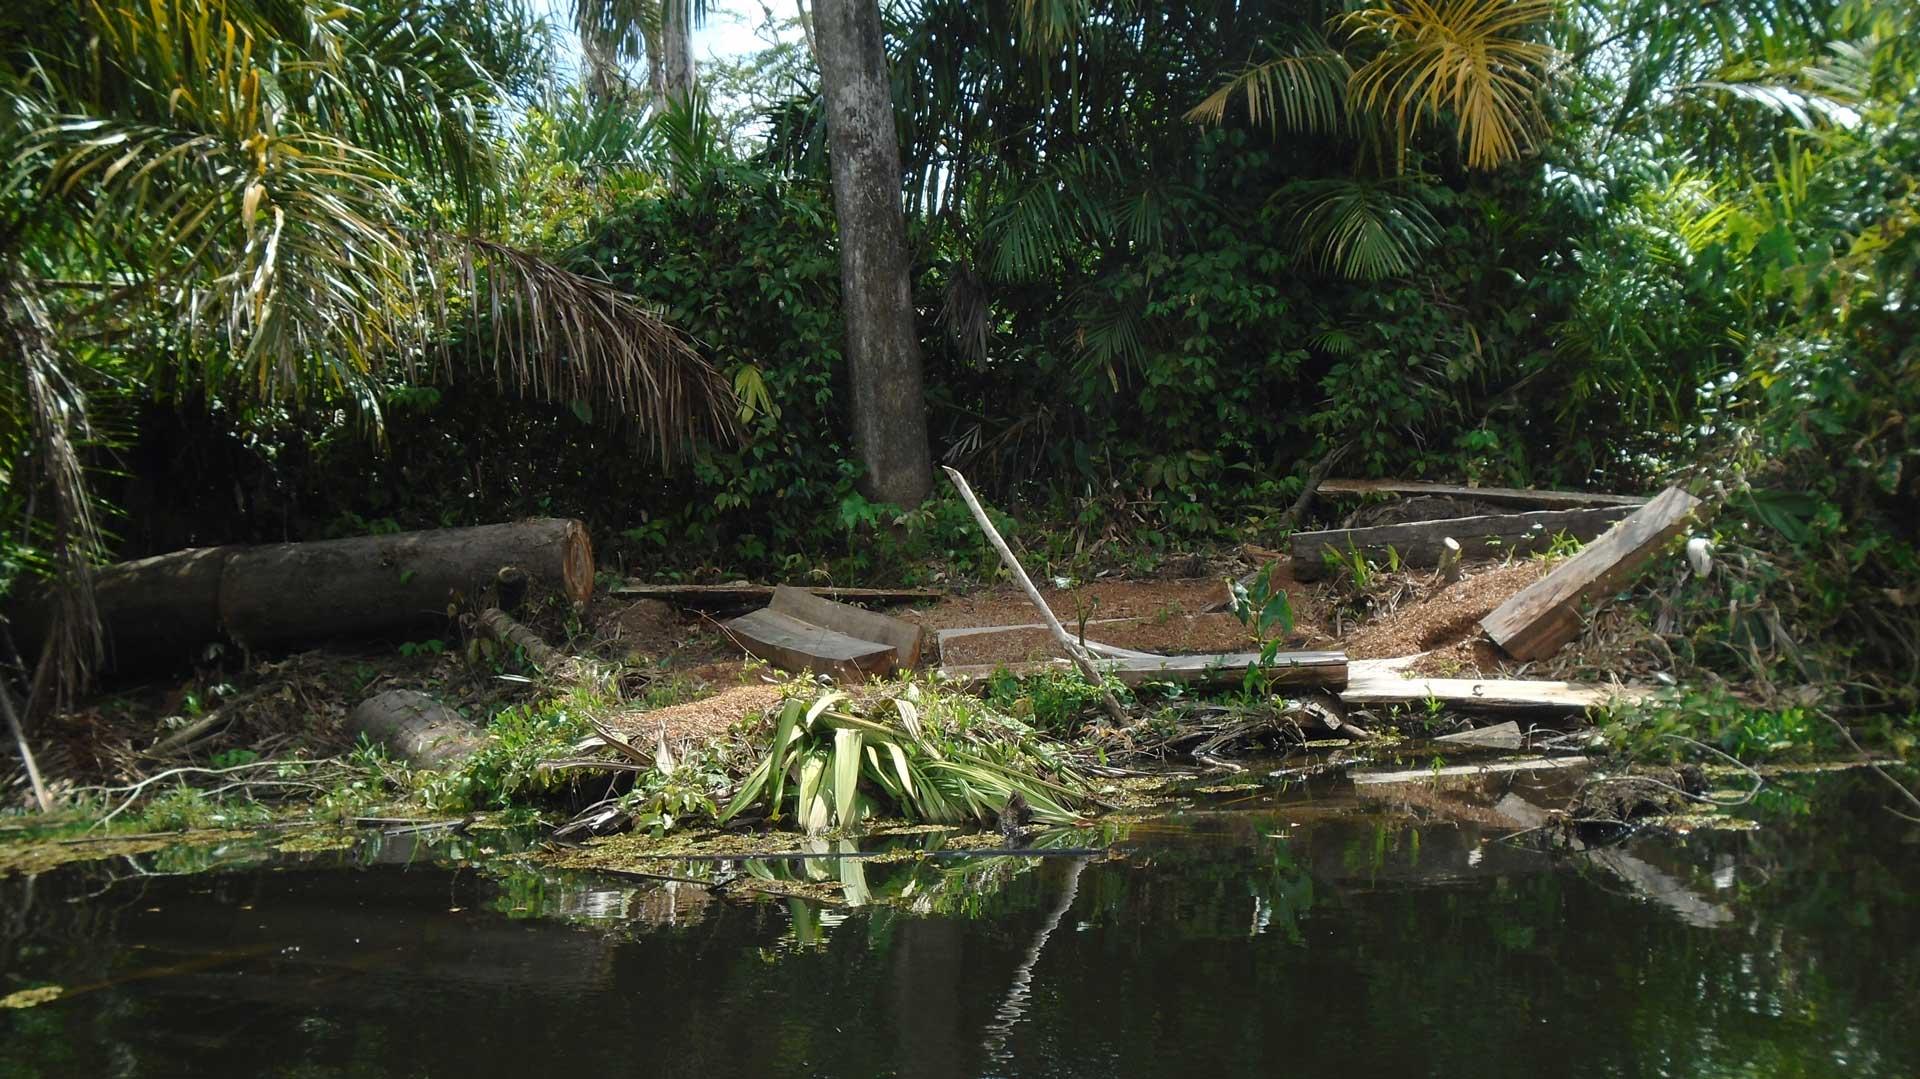 Madera aserrada por desconocidos lista para ser levantada a la orilla del Río Indio, en la zona afectada por el incendio.